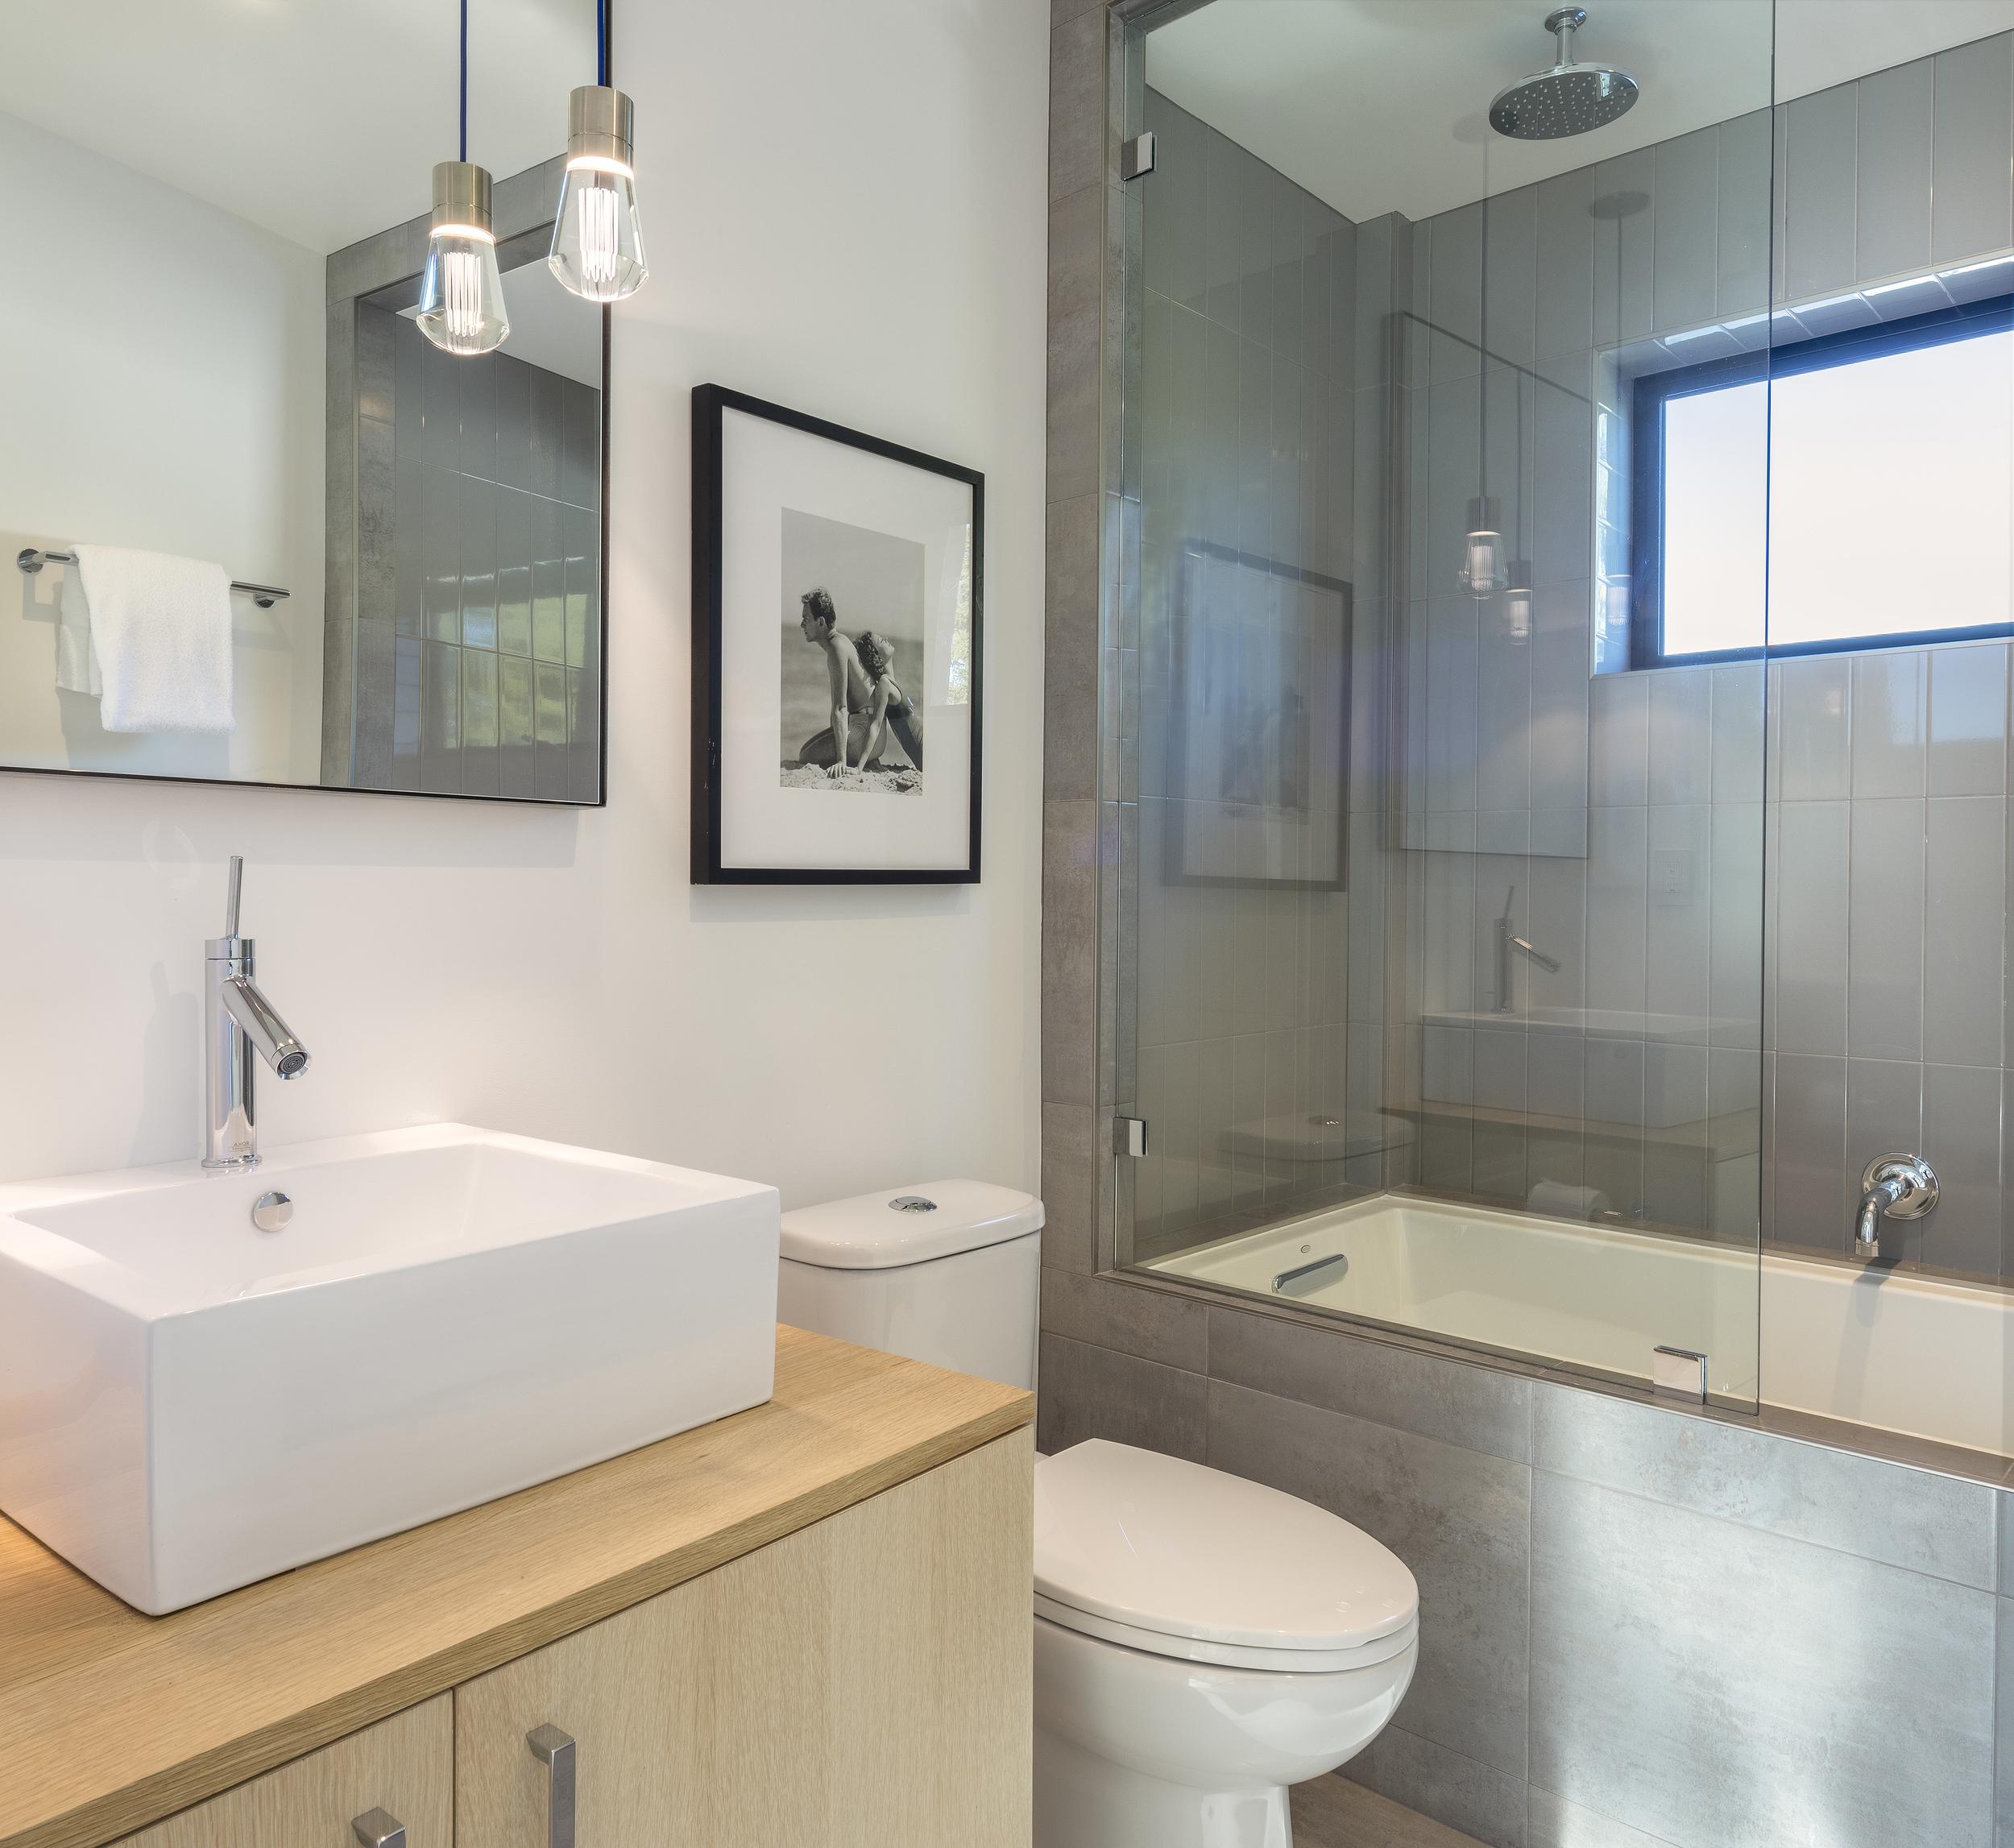 Scott_St_G_Bathroom.jpg